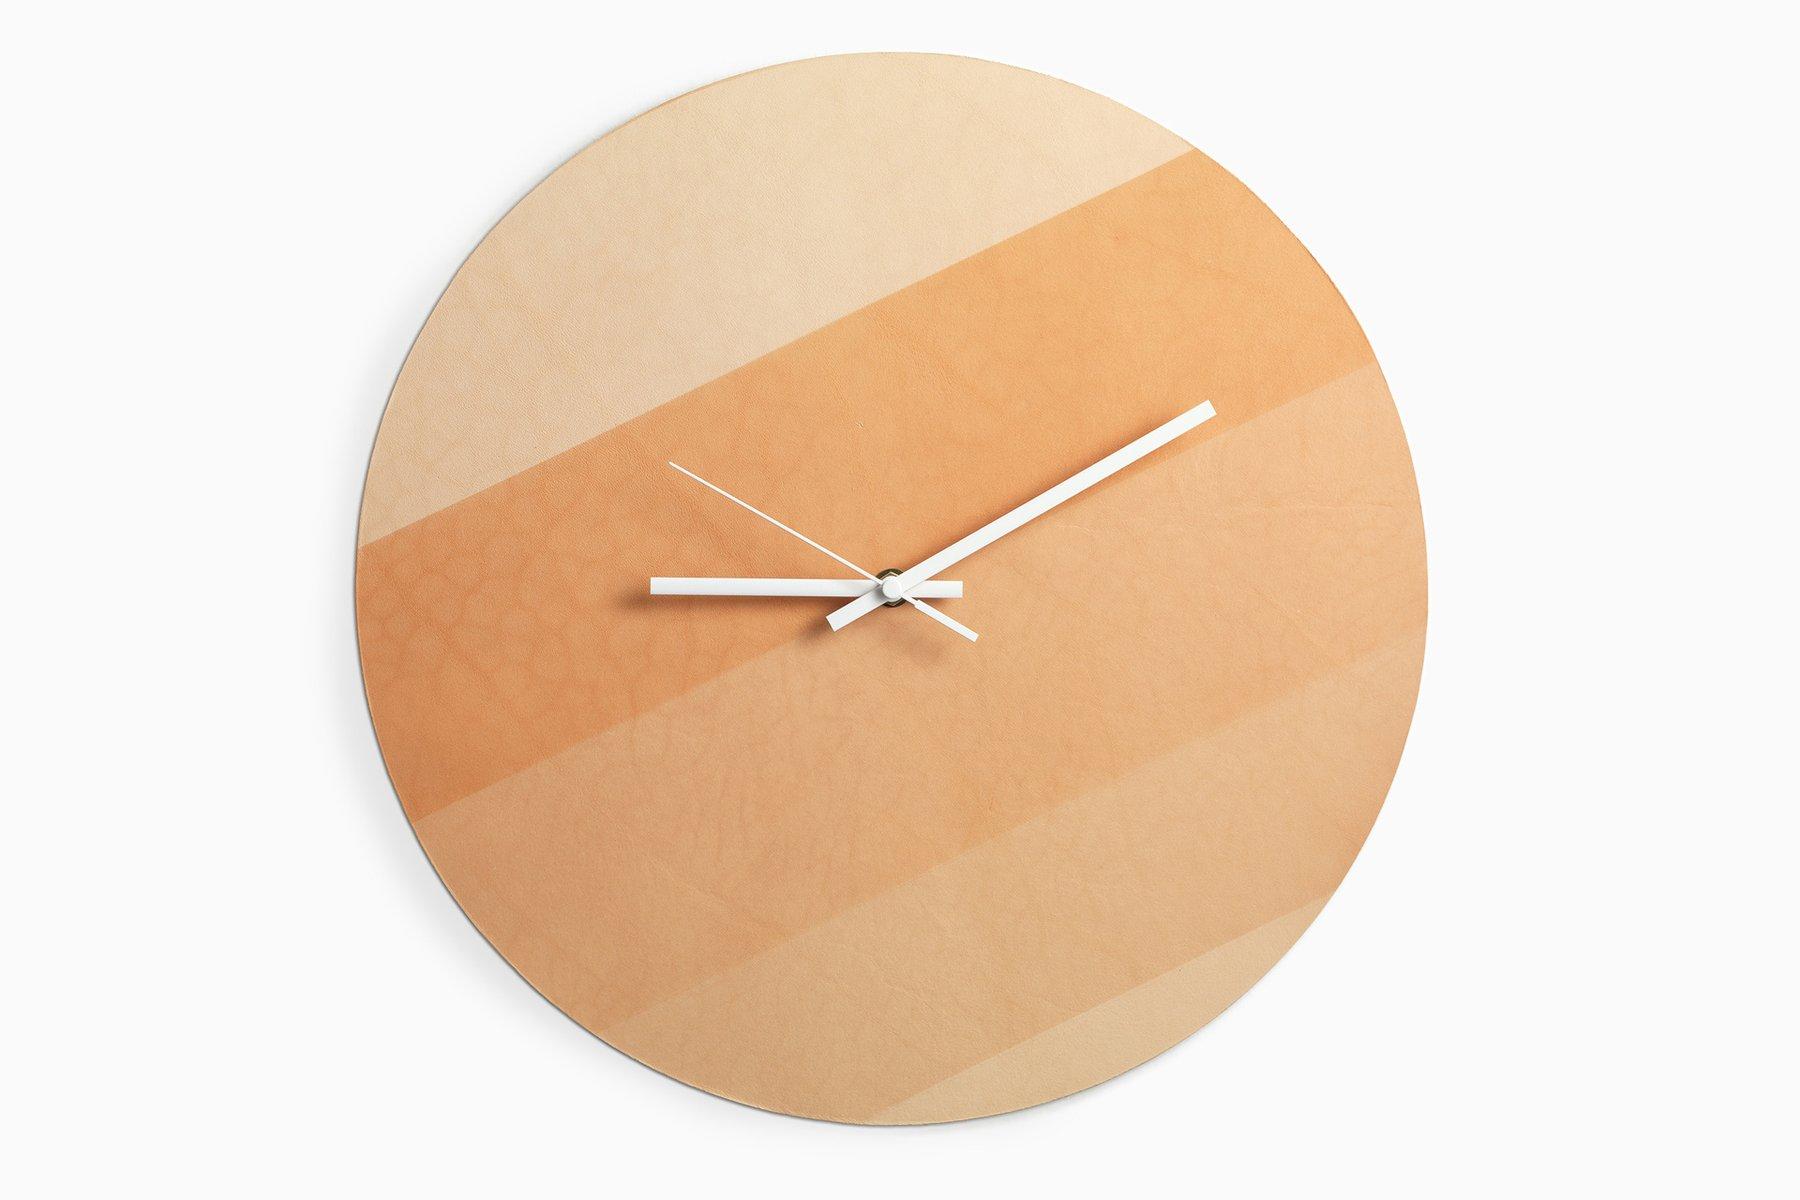 Horloge murale sunclock 3 par lina patsiou en vente sur for Horloge murale 3 cadrans